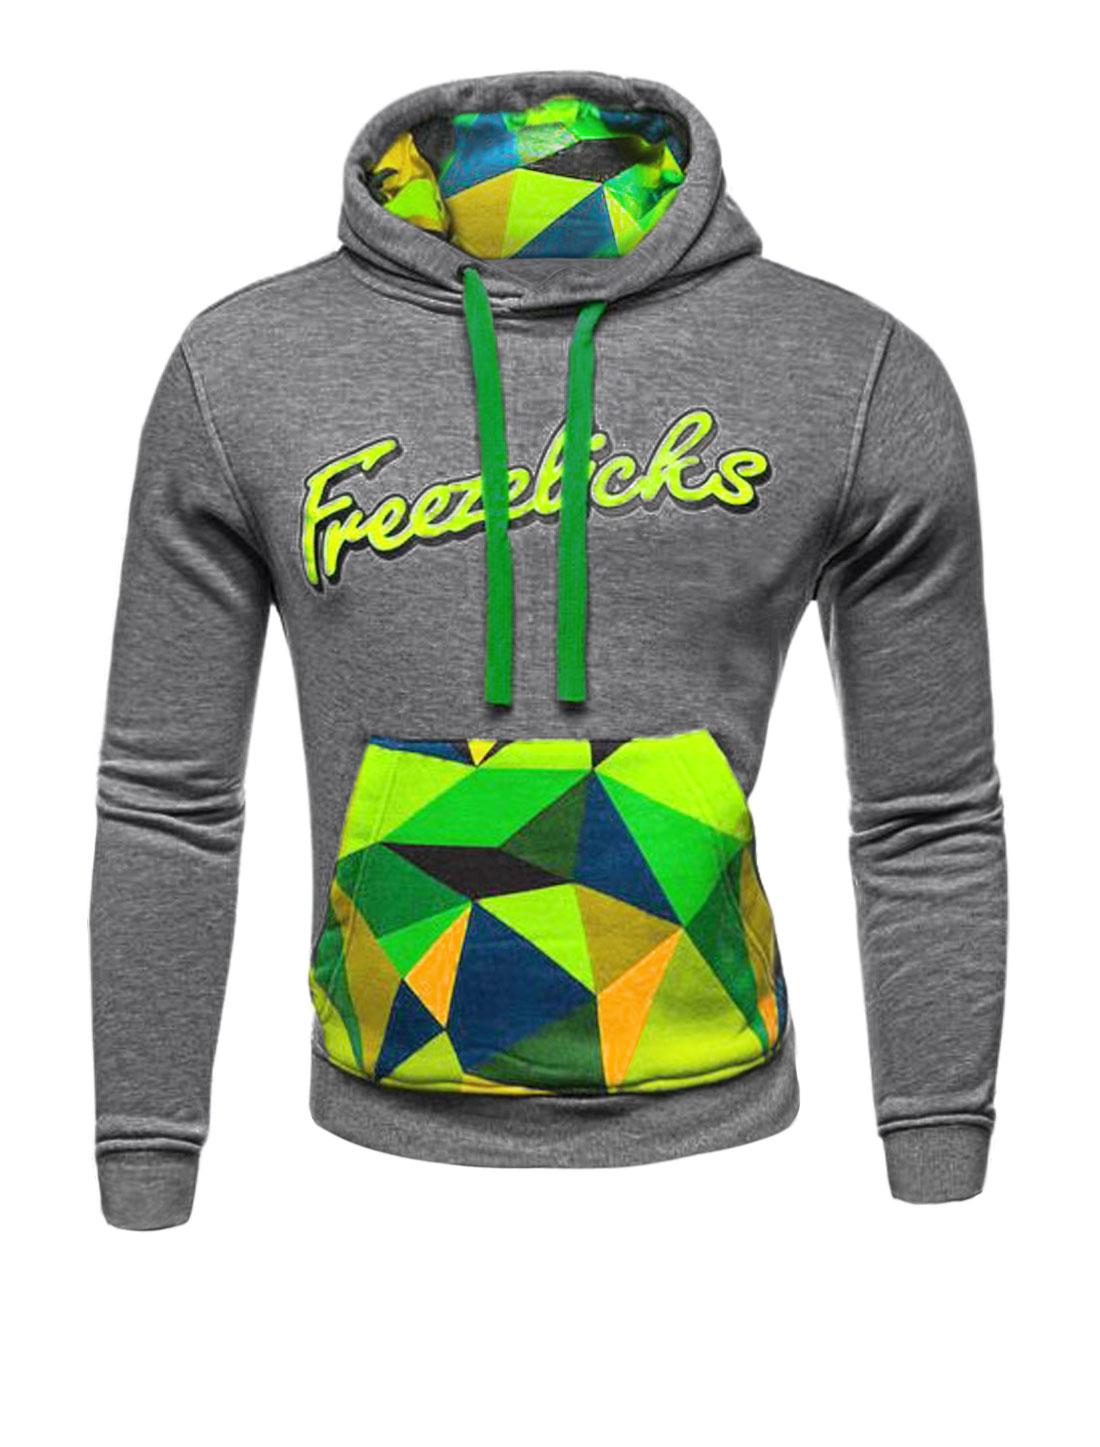 Men Letters Geometric Printed Kangaroo Pocket Hooded Sweatshirt Dark Gray M